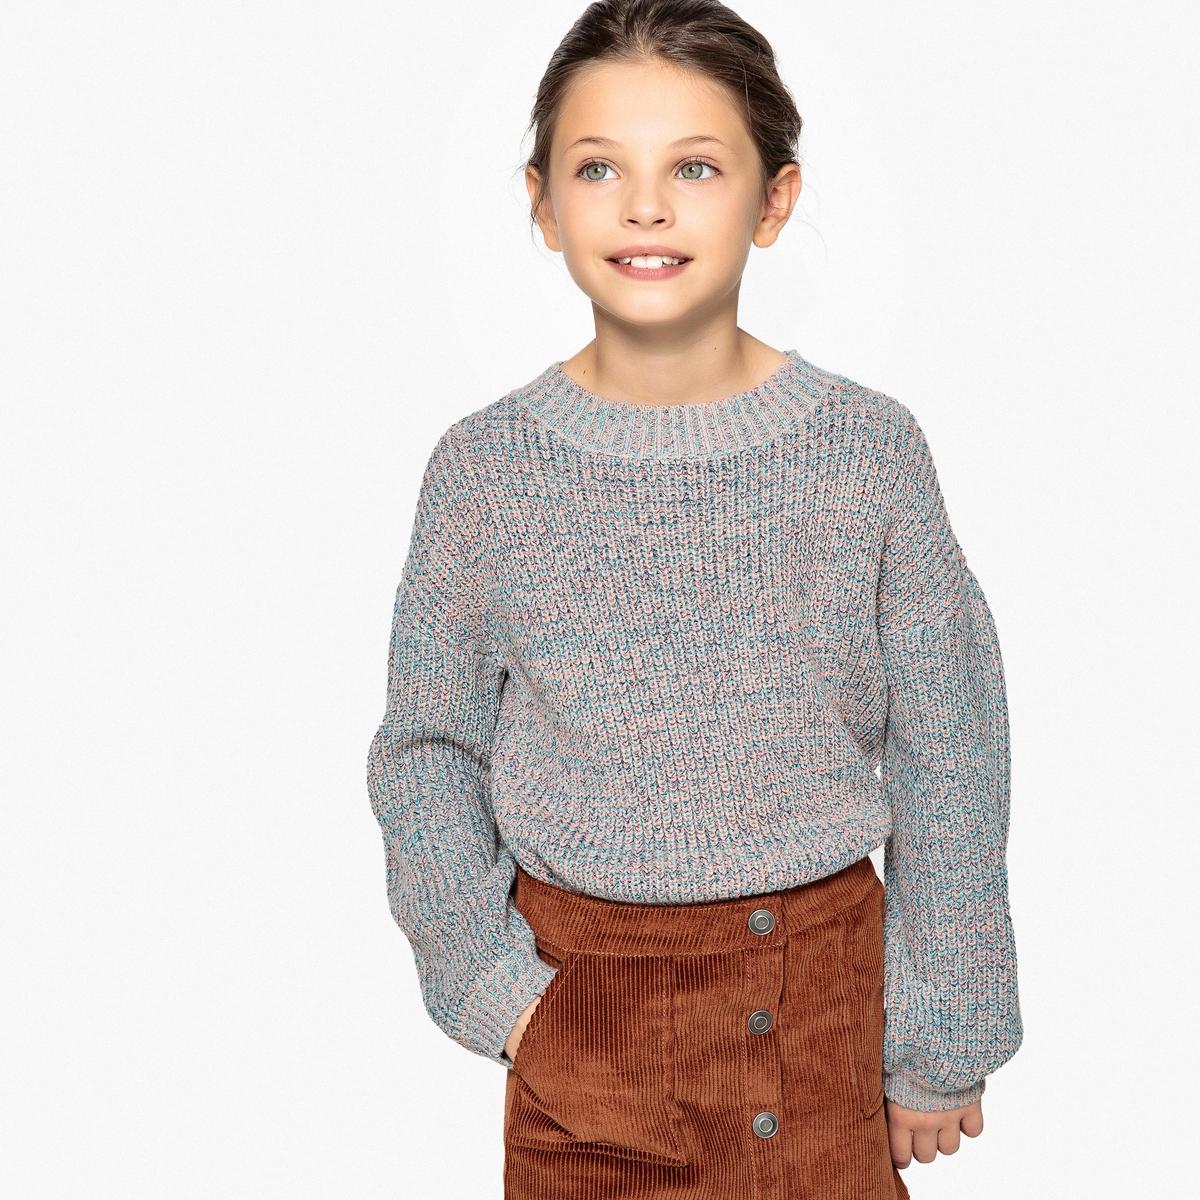 Пуловер разноцветный из трикотаже мулине, 3-12 ans шорты с 3 12 ans